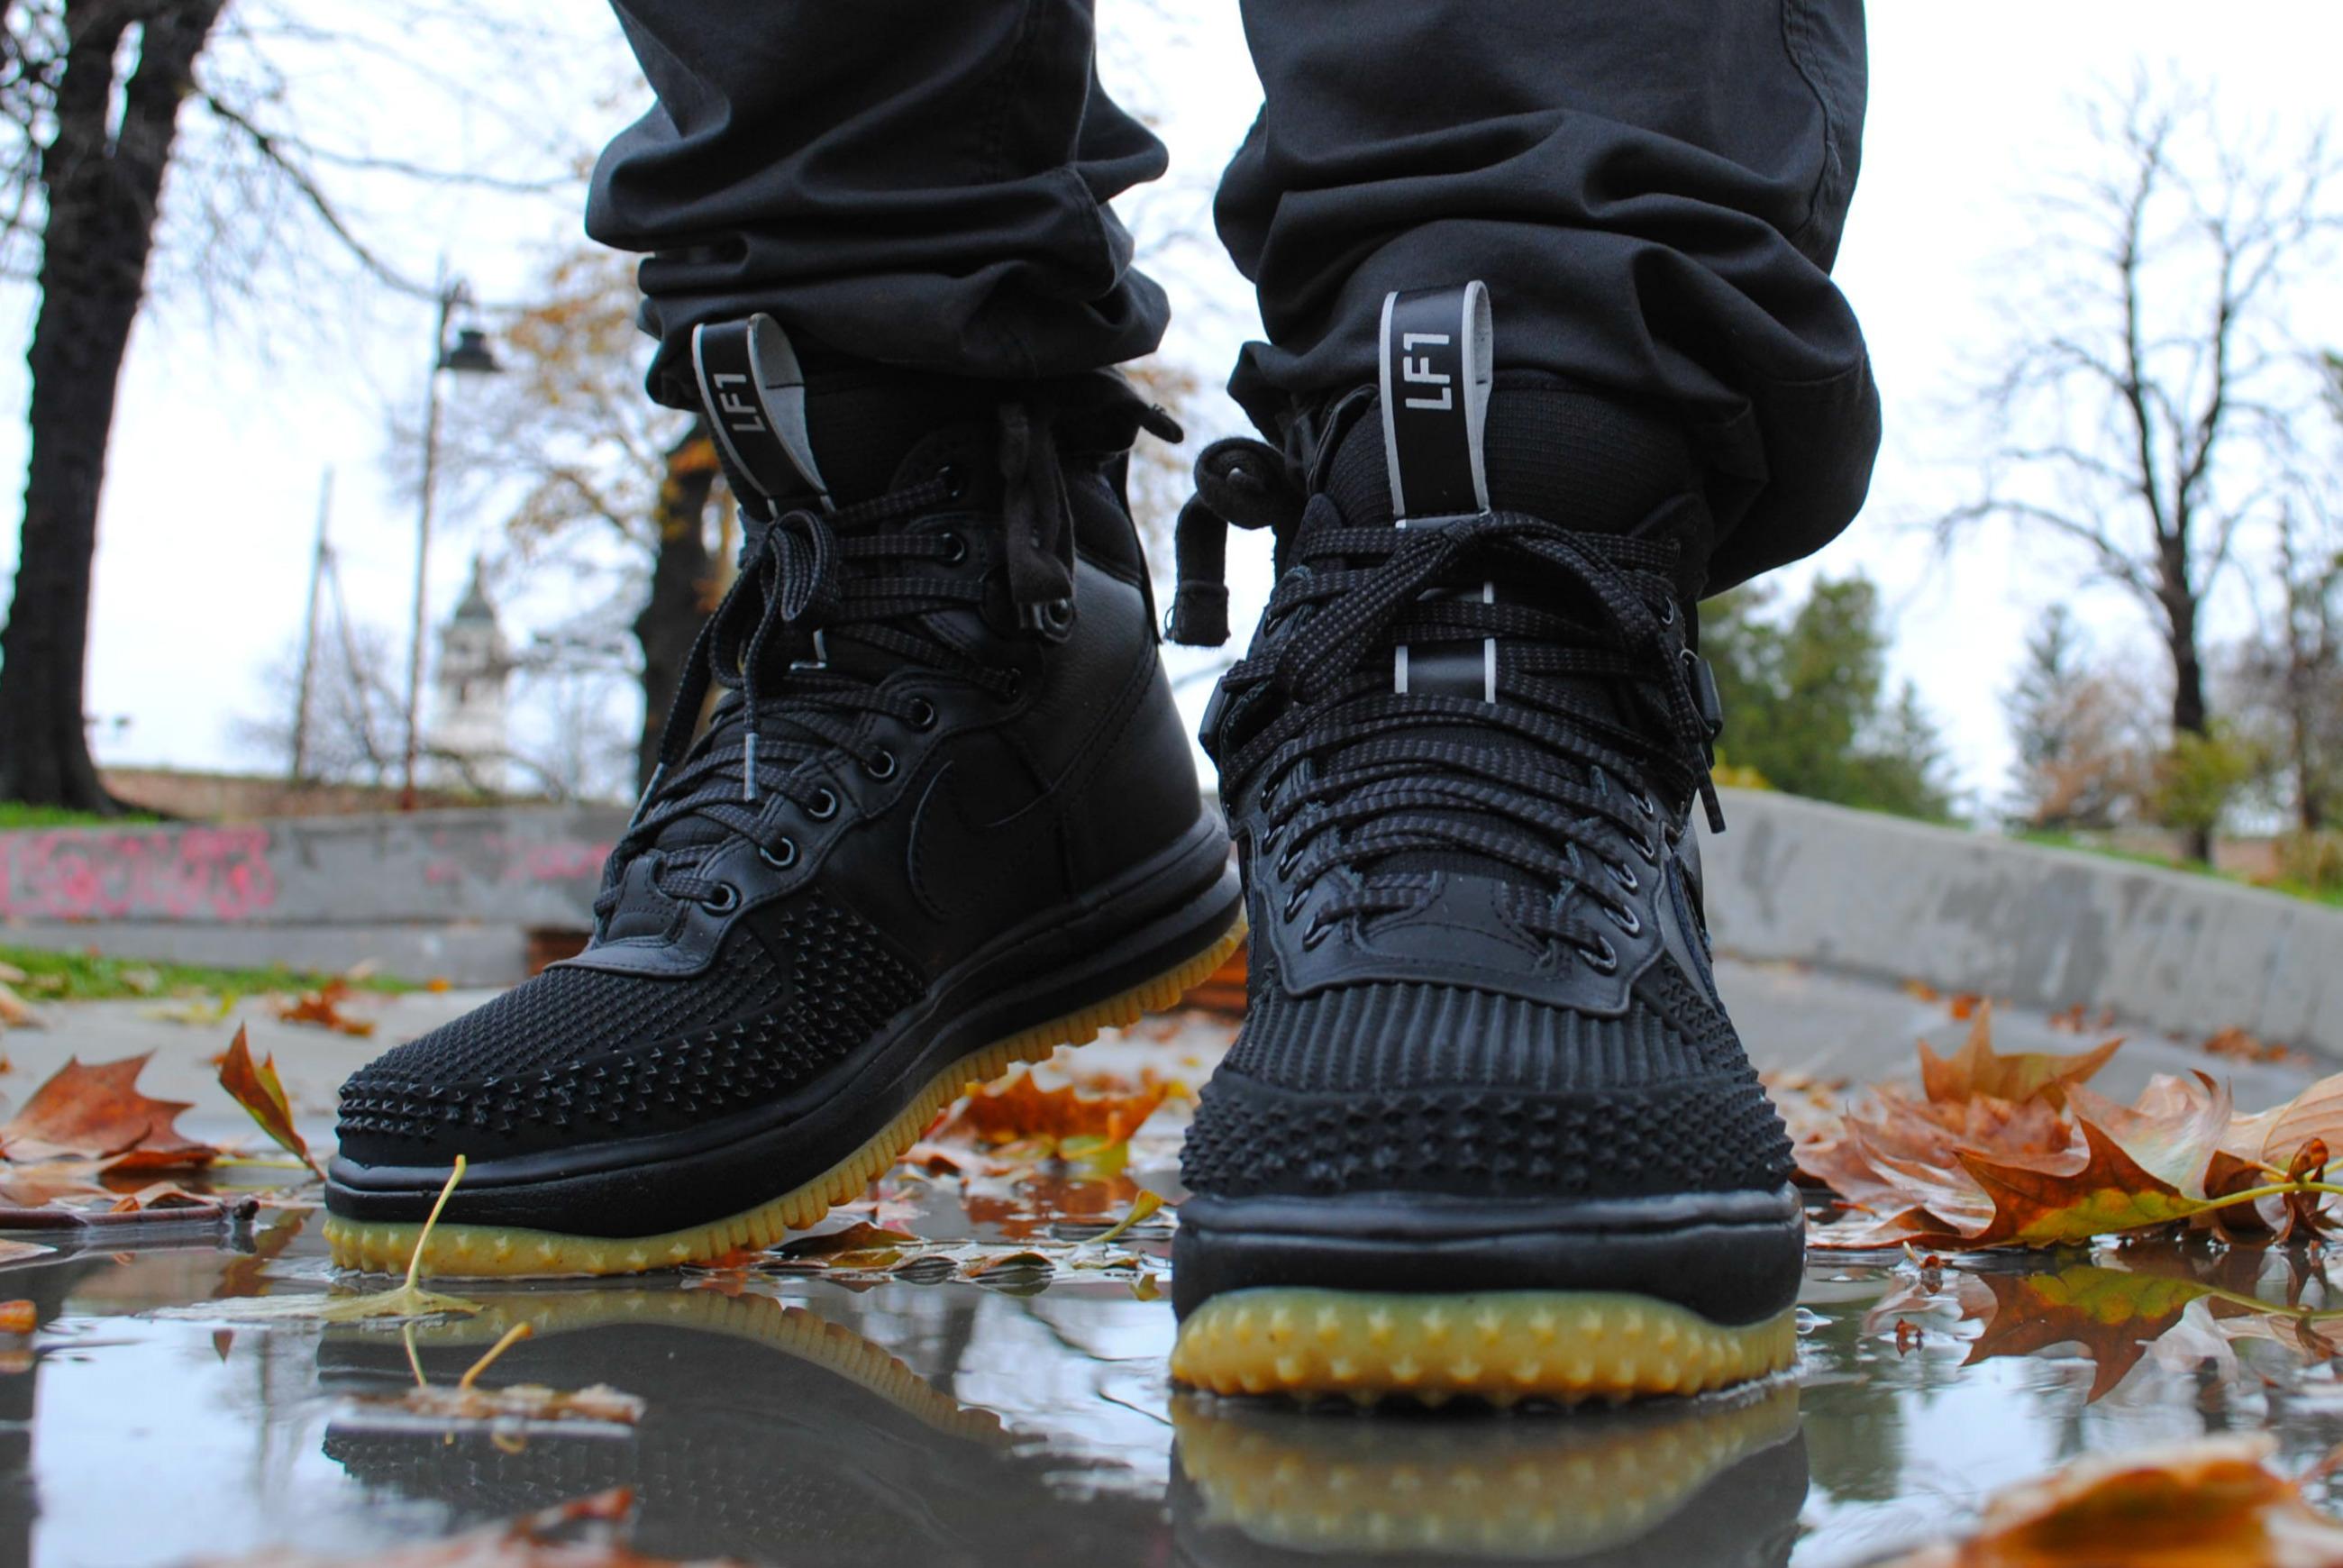 separation shoes 0d9c5 142bc ... od AF1 Duckboot modela u bilo kom BUZZ-u u Beogradu, Novom Sadu, Nišu i  Kragujevcu, dobijate poklon vaučer od 20% na narednu kupovinu brenda Nike  koji ...